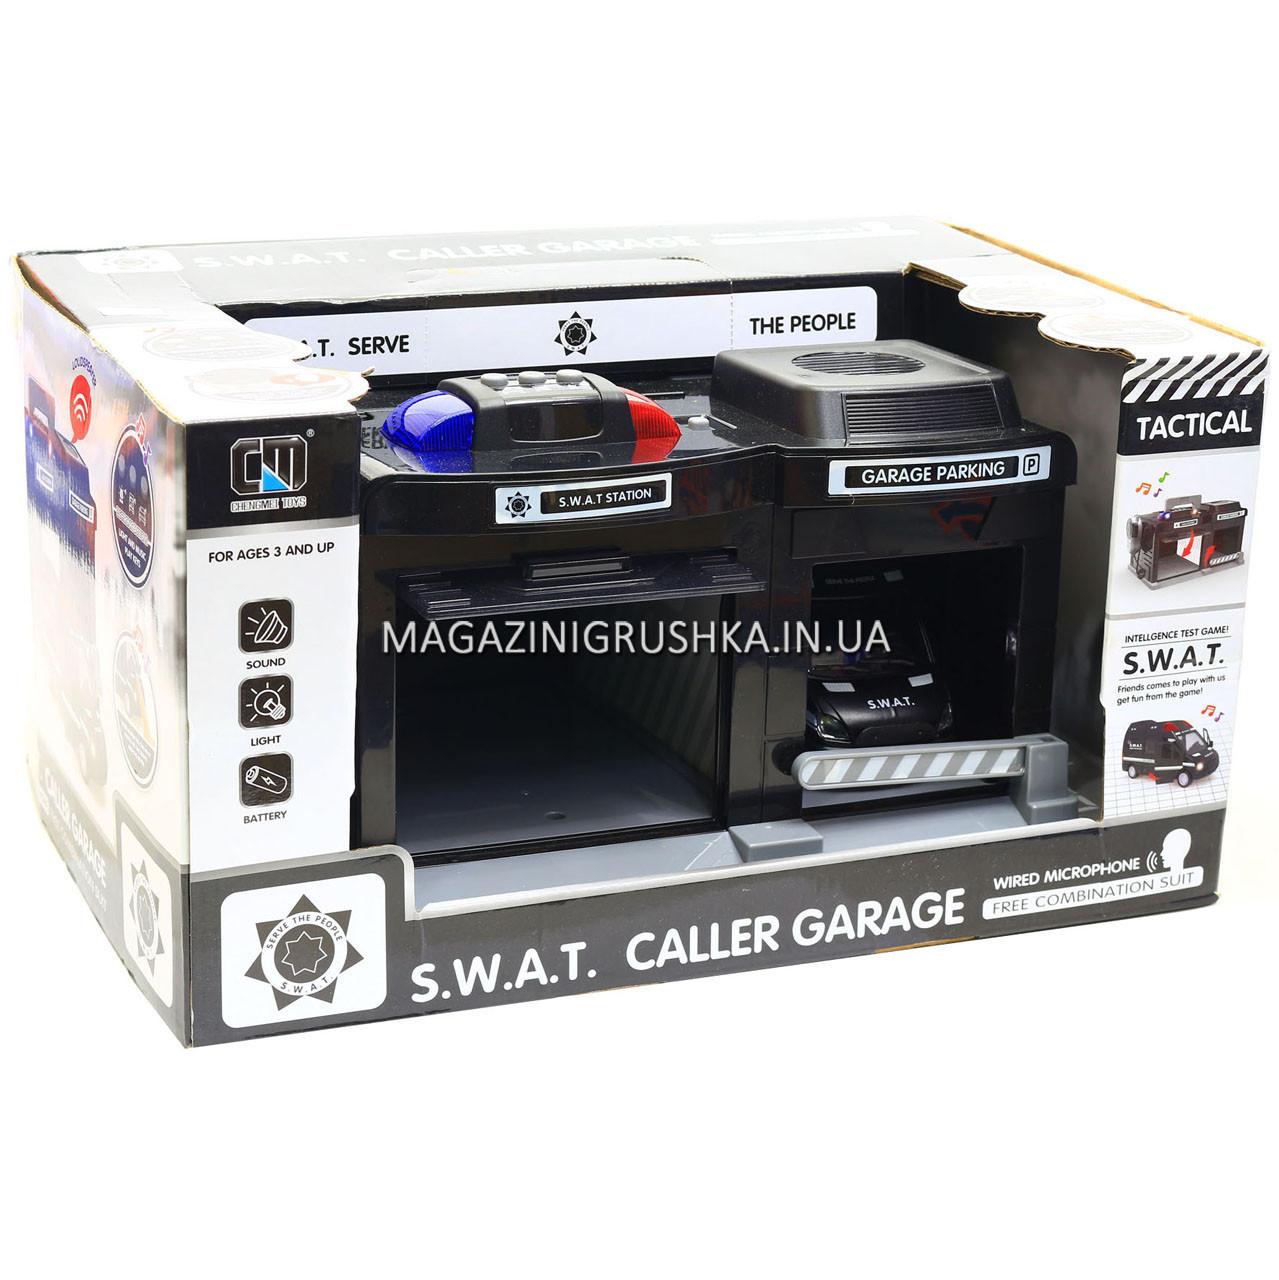 Ігровий набір Служба порятунку Chengmei Toys (машинка, рація, світло, звук) CLM-558